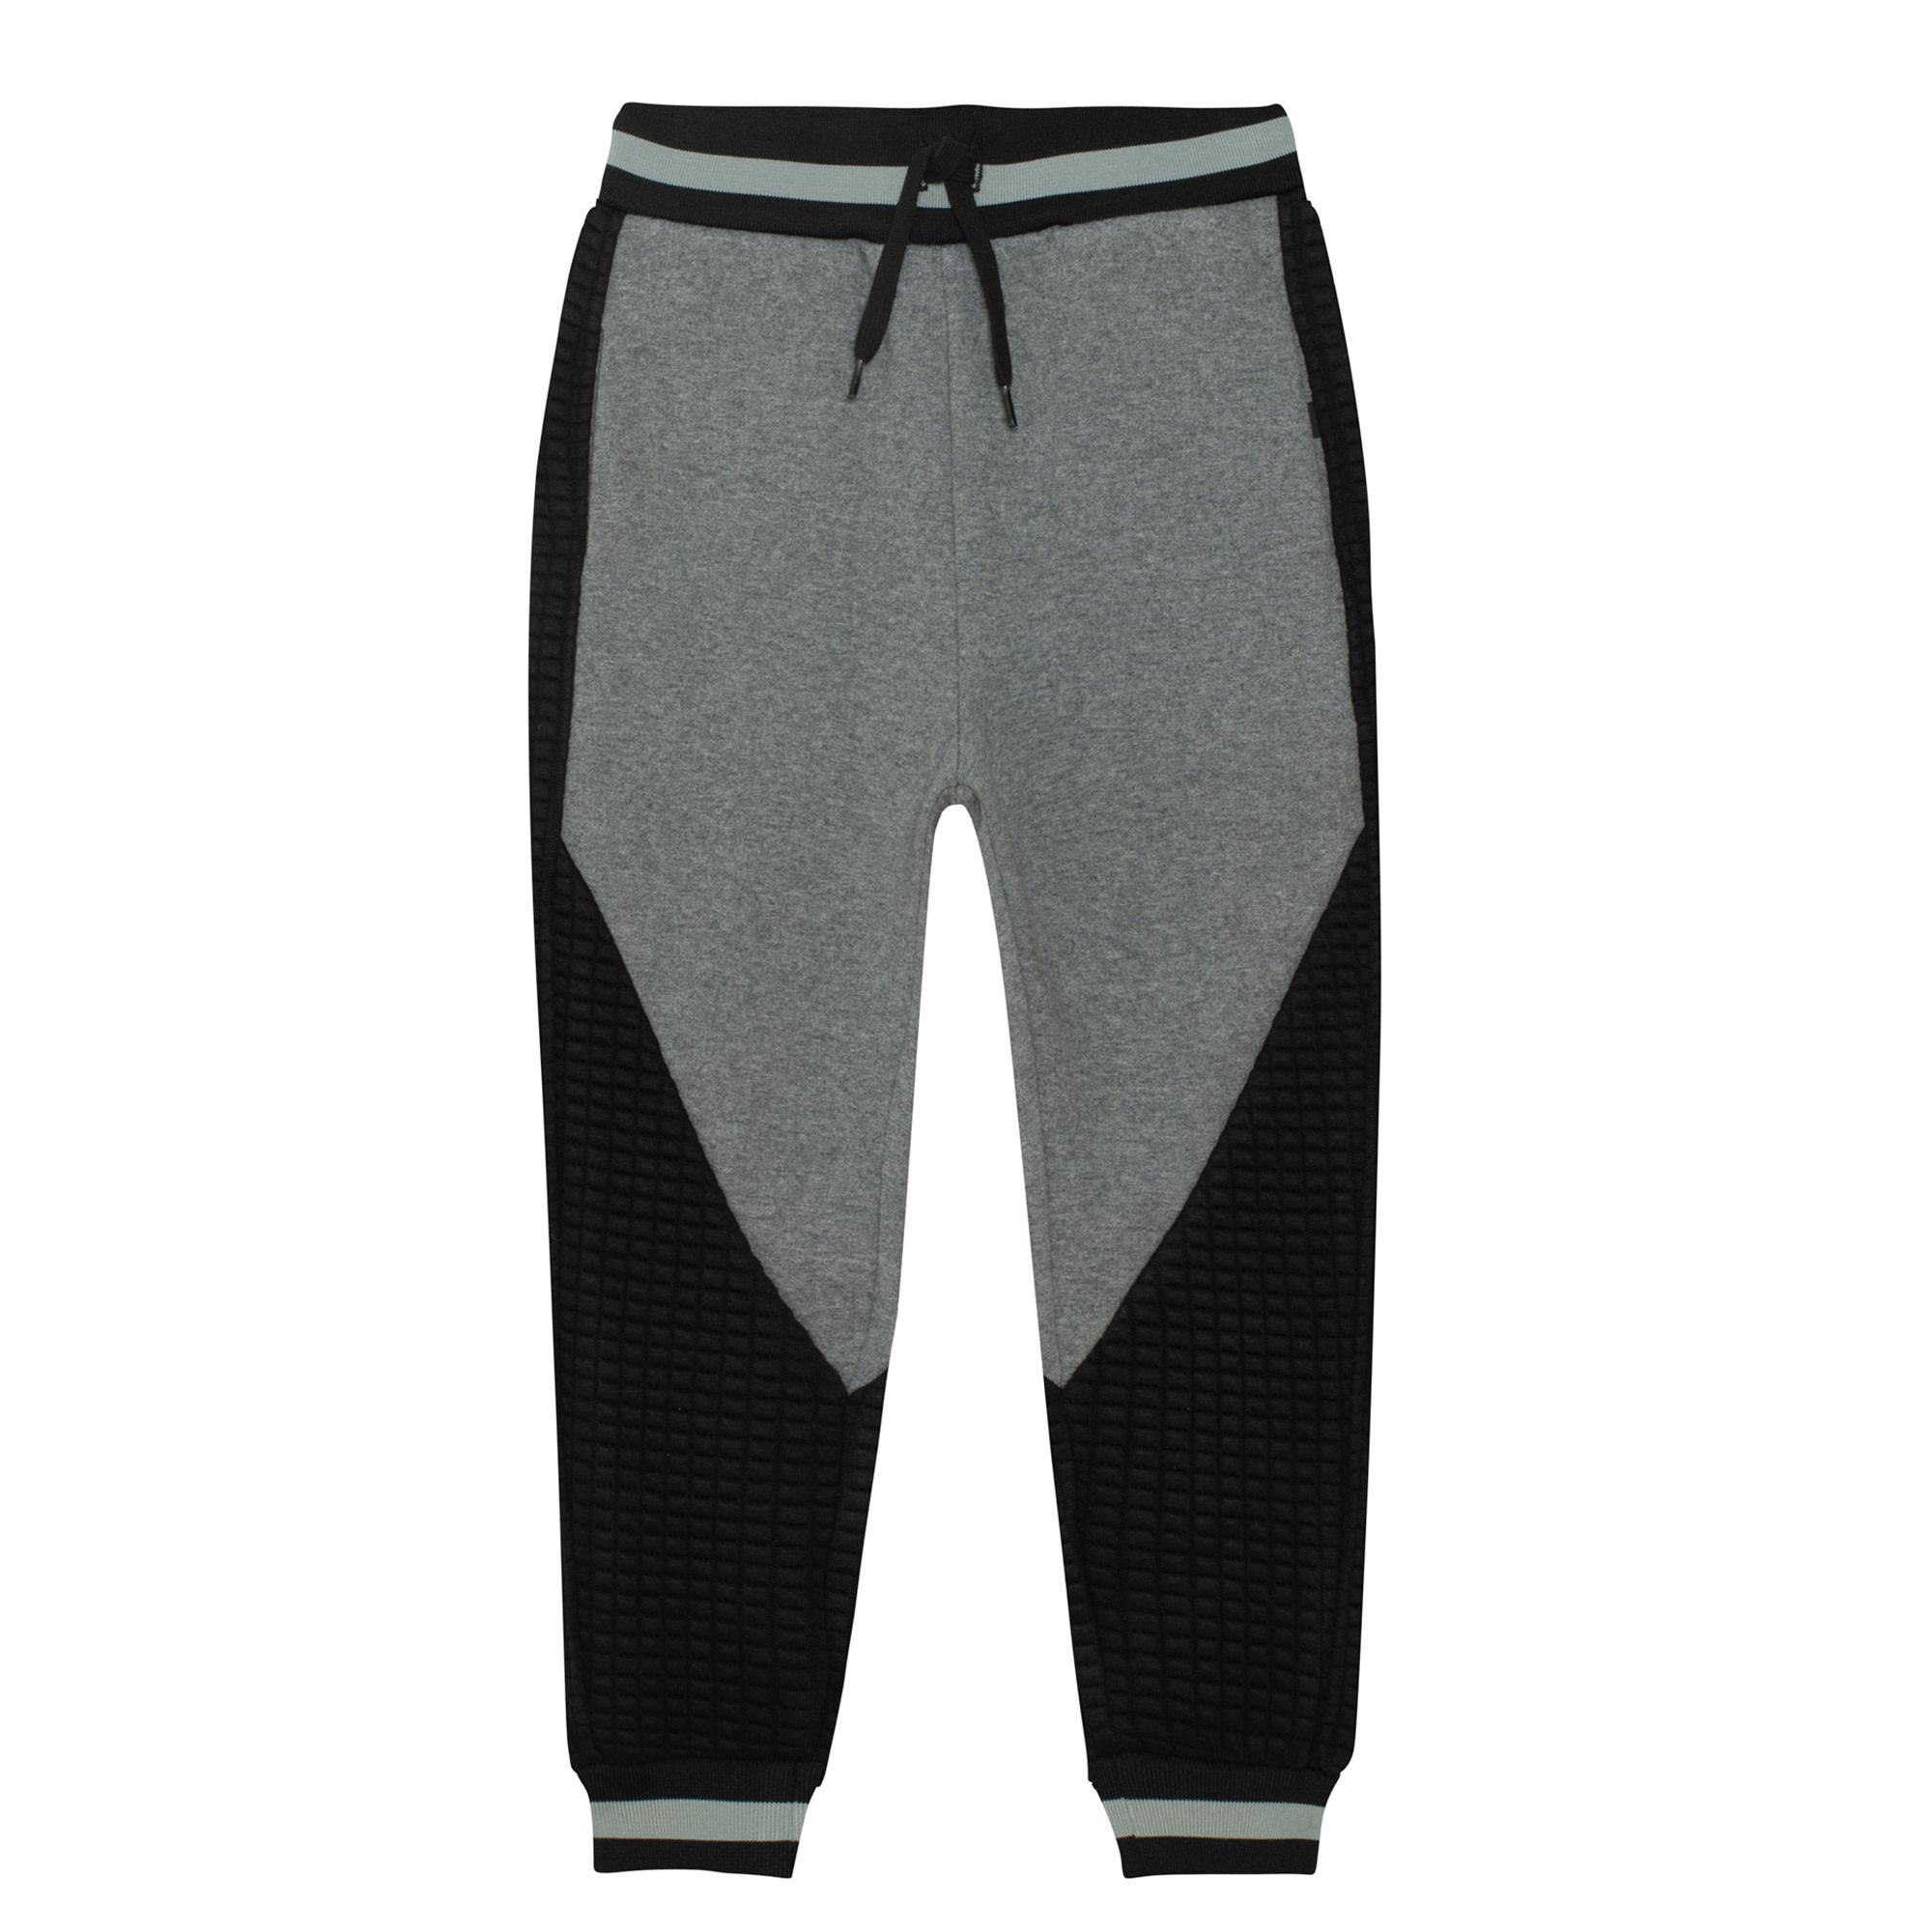 Pantalon Jogging Gris/Noir-11